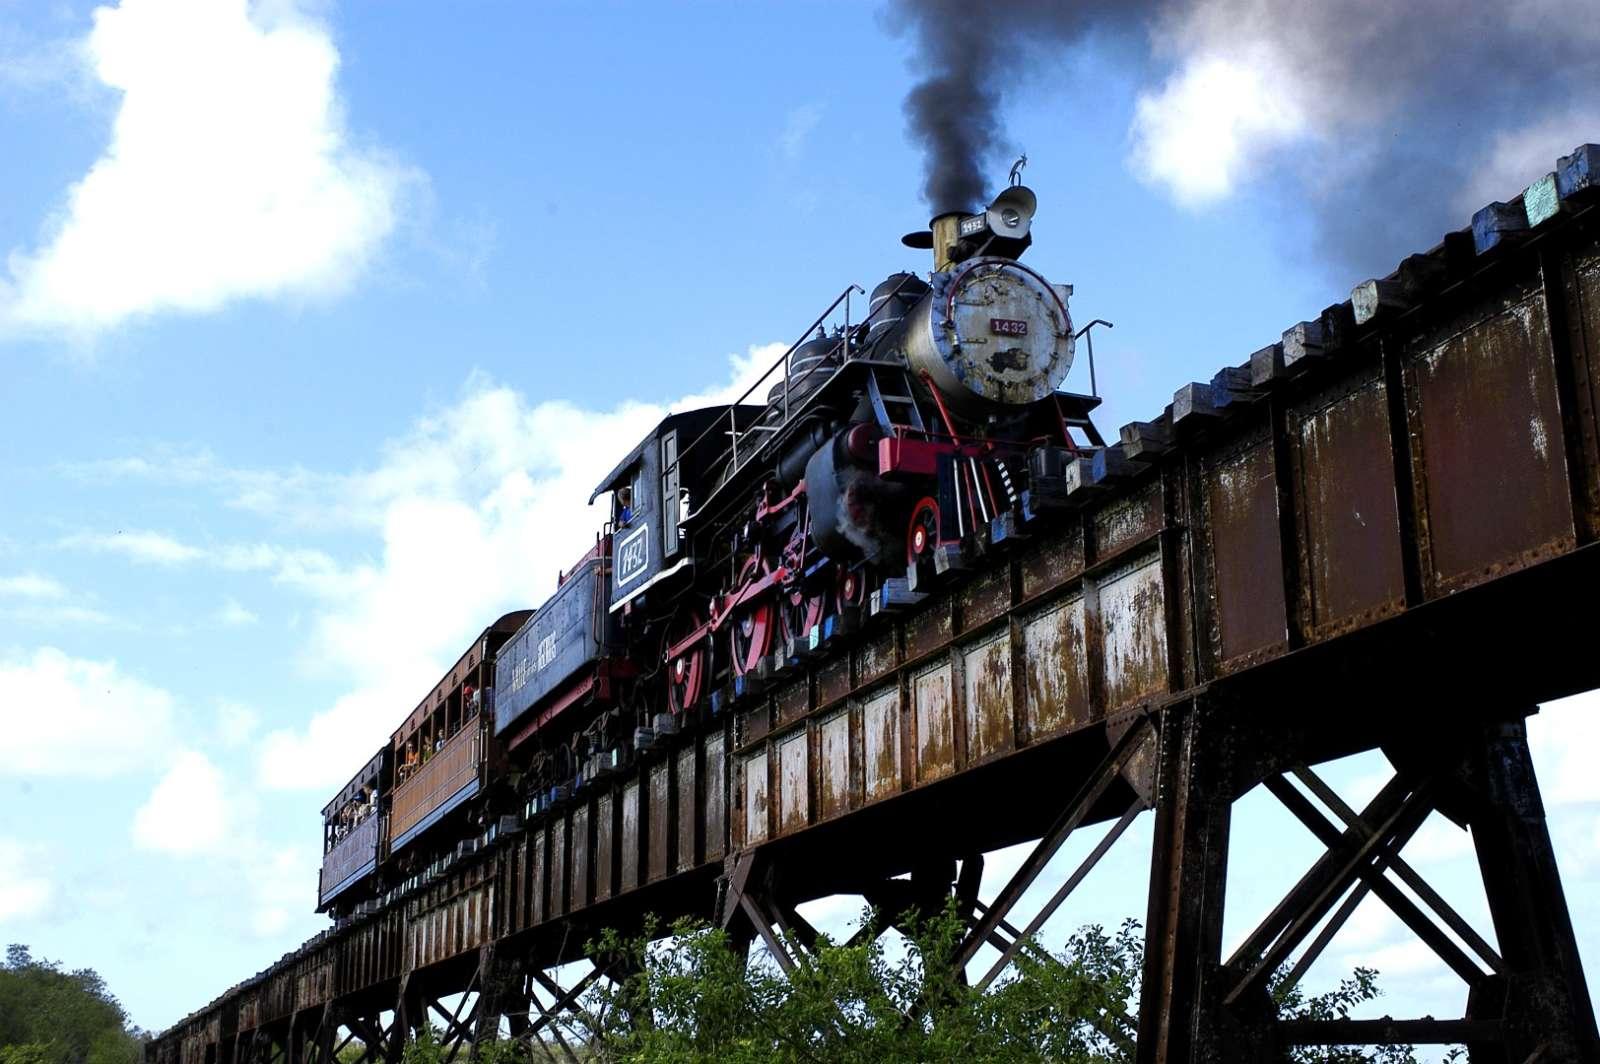 Steamtrain in Trinidad, Cuba